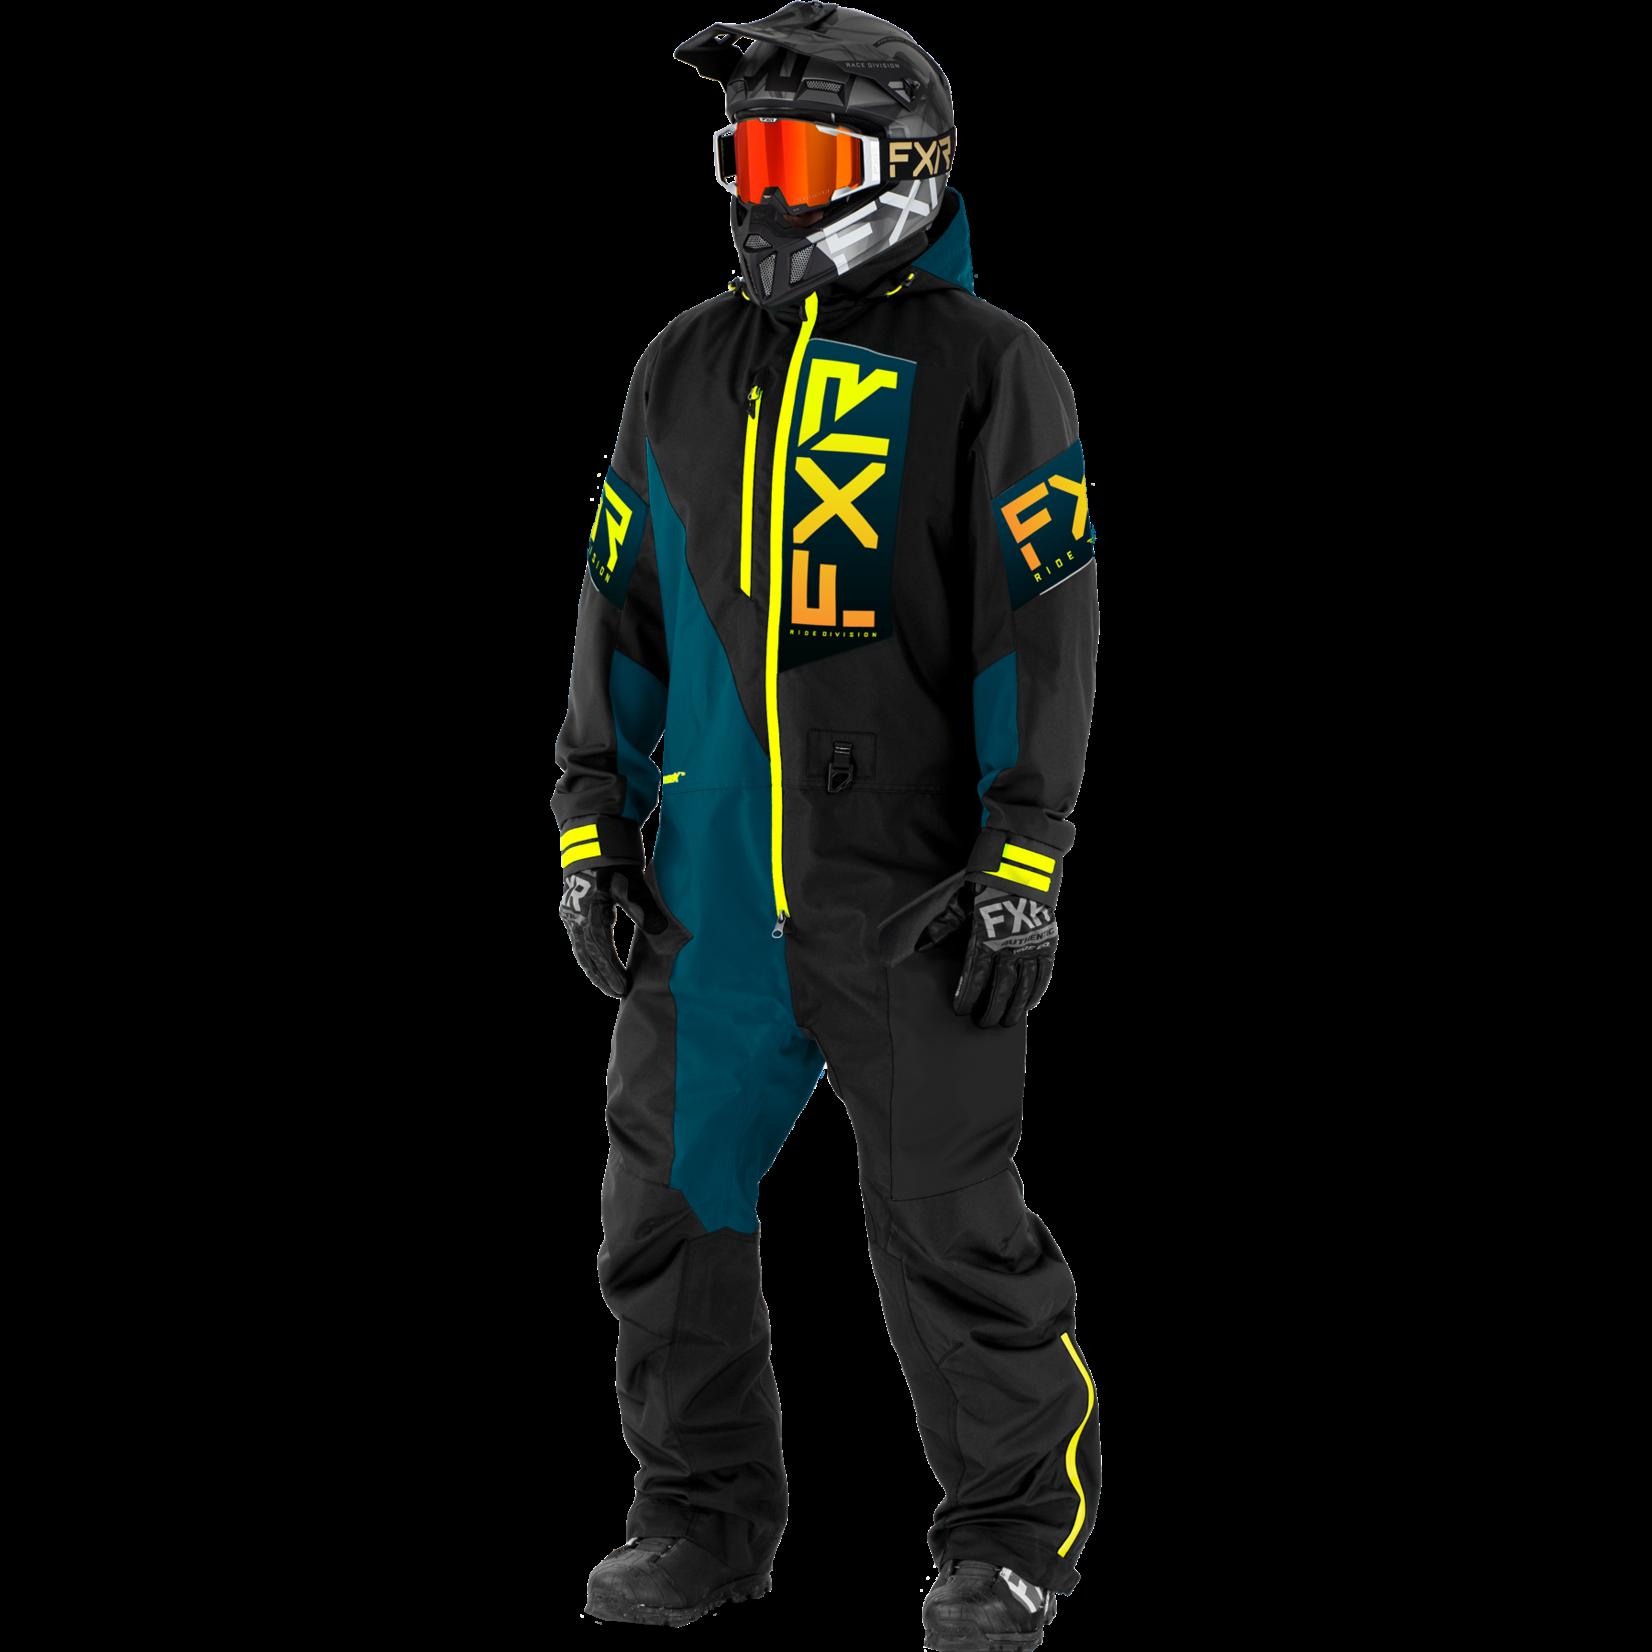 FXR FXR Men's Recruit FAST Insulated Monosuit